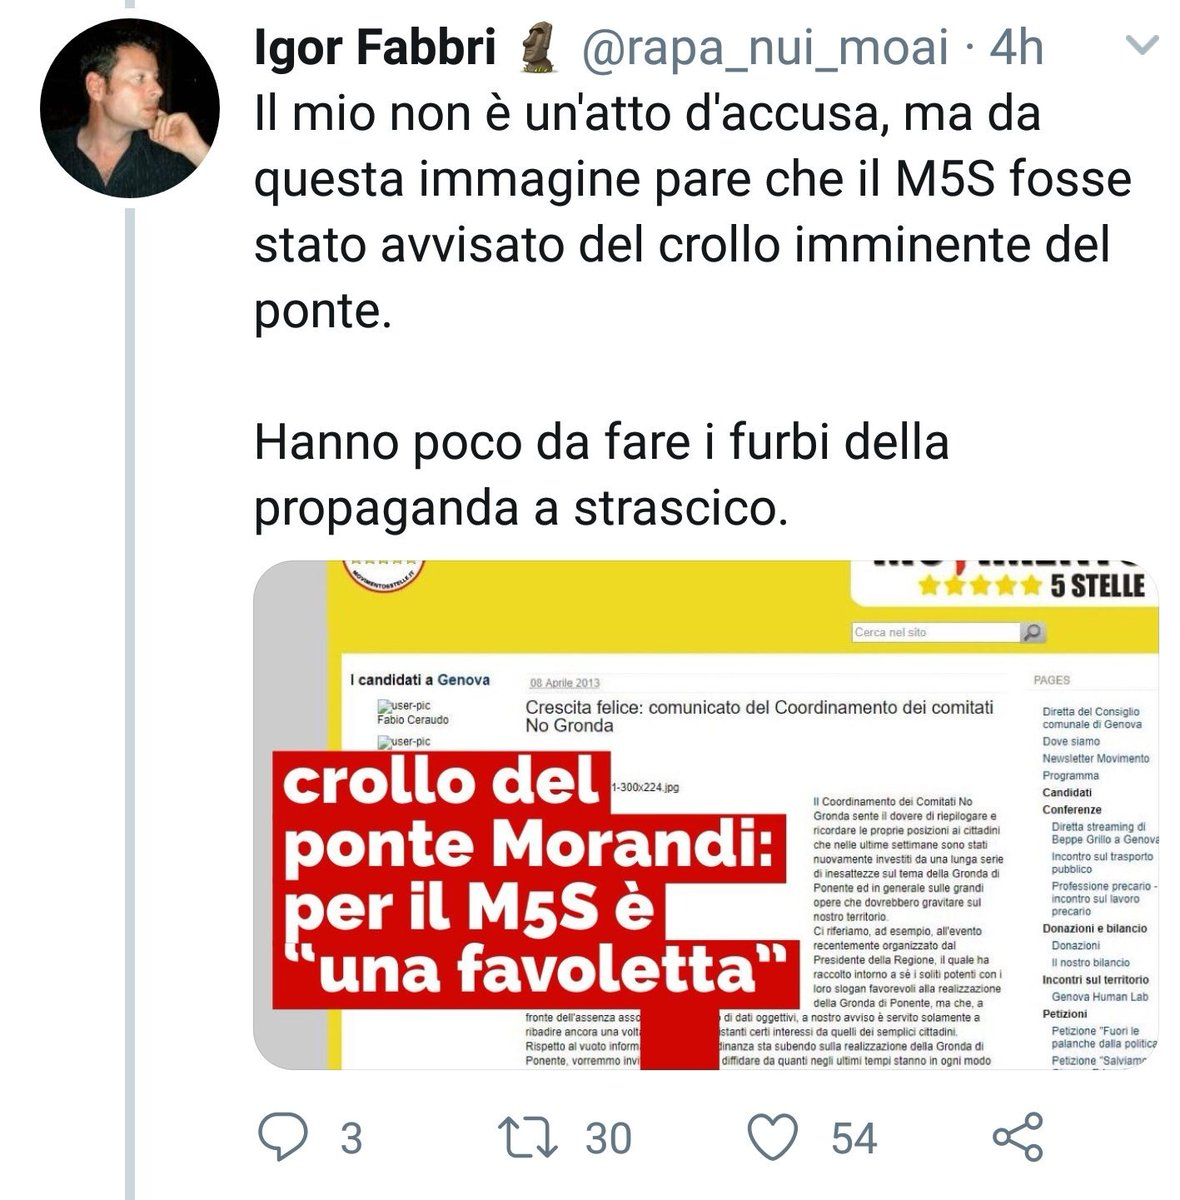 Questi sono i #twitt dei #troll del #pdnetwork La disperazione che provoca il nulla pneumatico intorno porta il partito a seguire linee lesive x se stesso e chi li legge ....Fate le condoglianze#bufale #FakeNews #pontemorandi #Genova #crolloponte #5stelle #DiMaio #Toninelli  - Ukustom